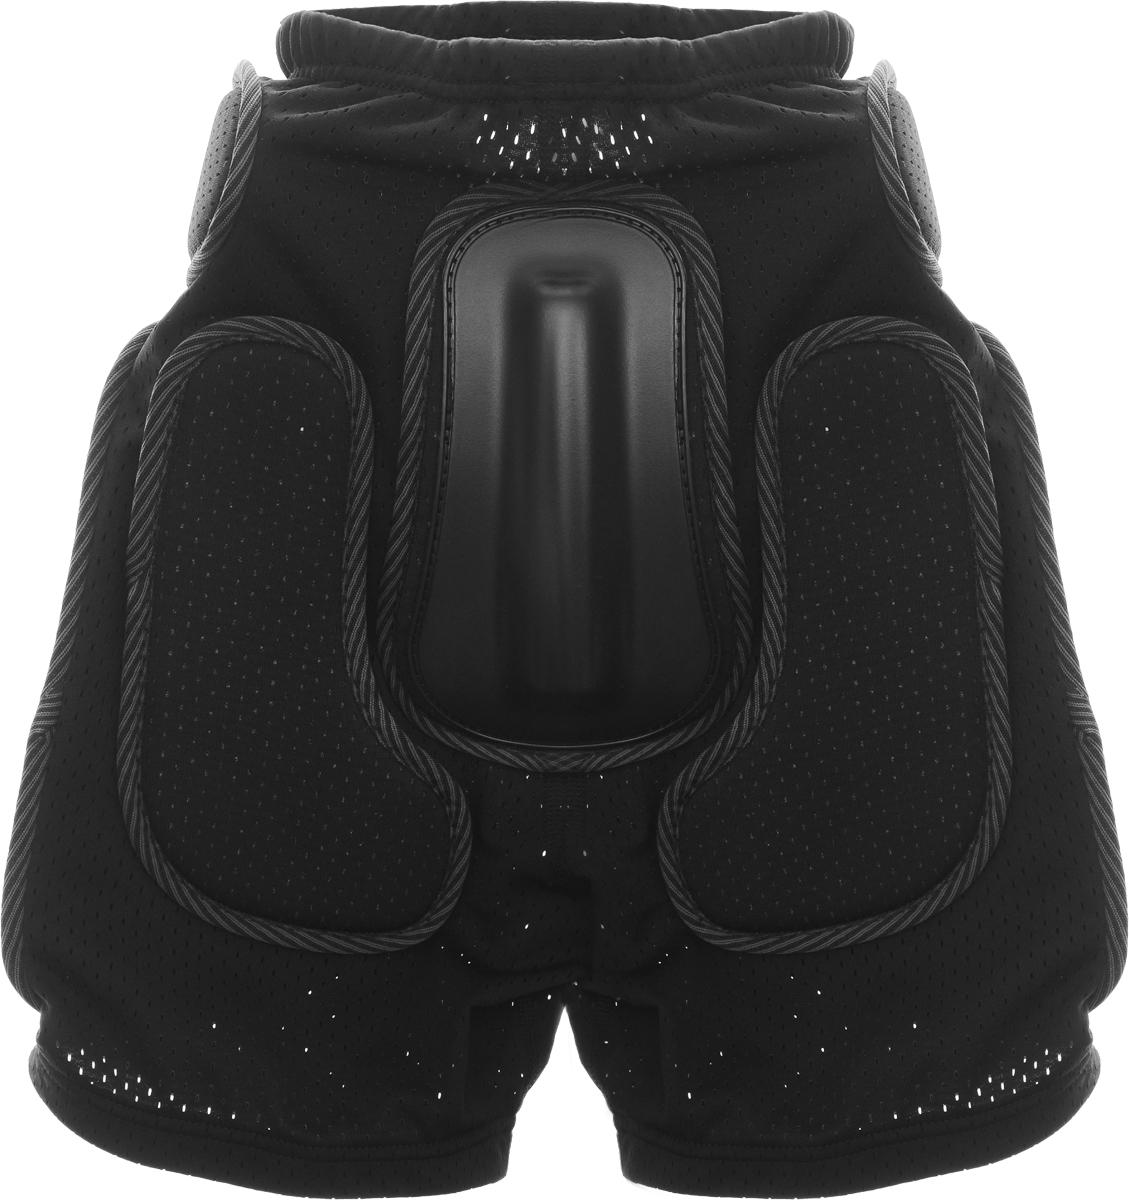 Шорты защитные Biont Комфорт, цвет: черный, размер LAN5201500Защитные шорты Biont Комфорт - это необходимая часть снаряжения сноубордистов, любителей экстремального катания на роликах, байкеров, фанатов зимнего кайтинга. Шорты изготовлены из мягкой эластичной потовыводящей сетки с хорошей воздухопроницаемостью под накладками без остаточной деформации.Для обеспечения улучшенной вентиляции в шортах используется дышащая сетка спейсер. Комфортные защитные шорты Biont Комфорт идеальный выбор для любителей экстремального спорта. Толщина пластиковых накладок: 8-12 мм.